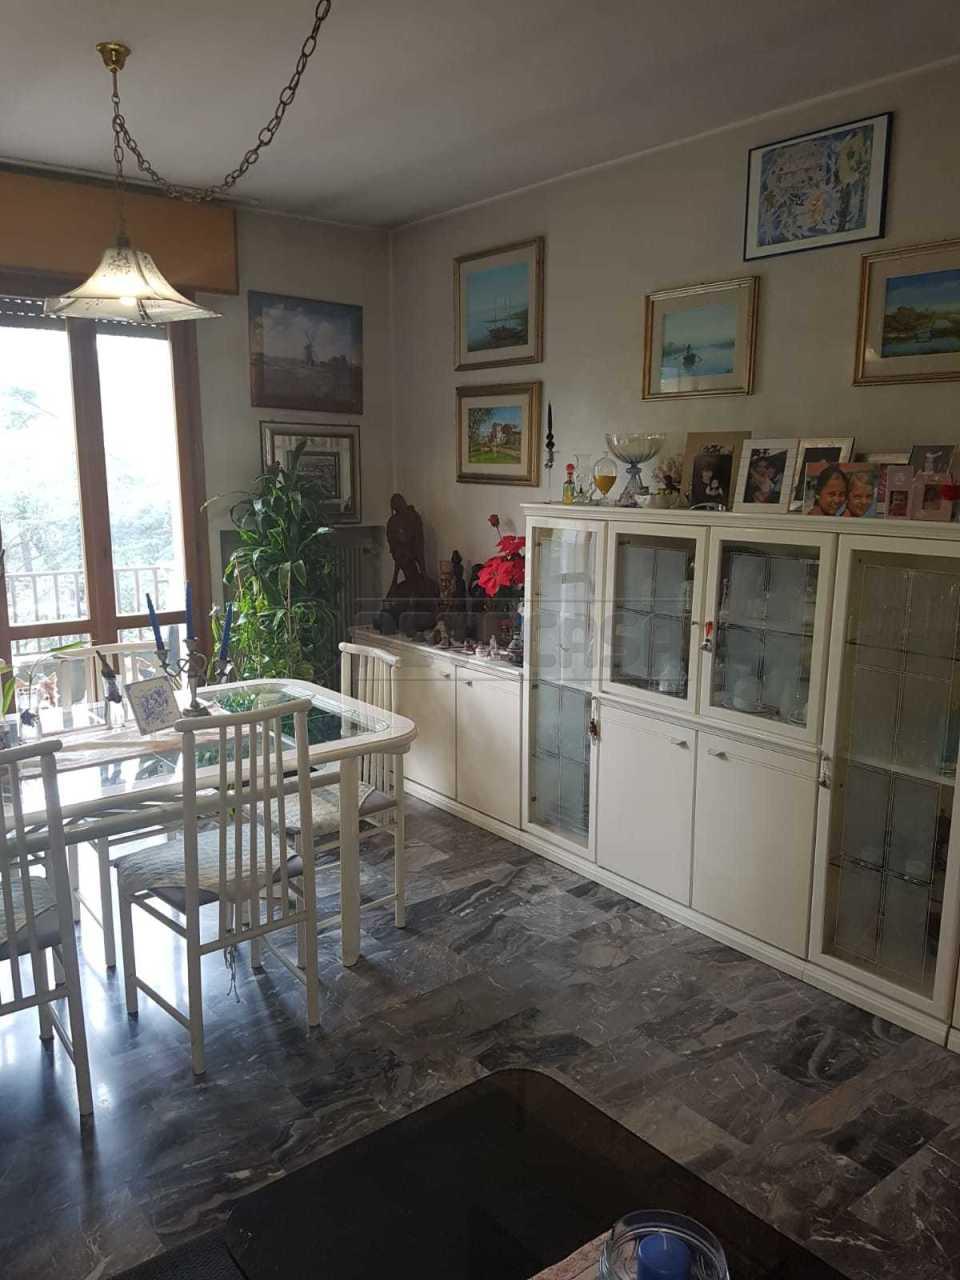 Appartamento in vendita a Mirano, 5 locali, prezzo € 136.000 | PortaleAgenzieImmobiliari.it